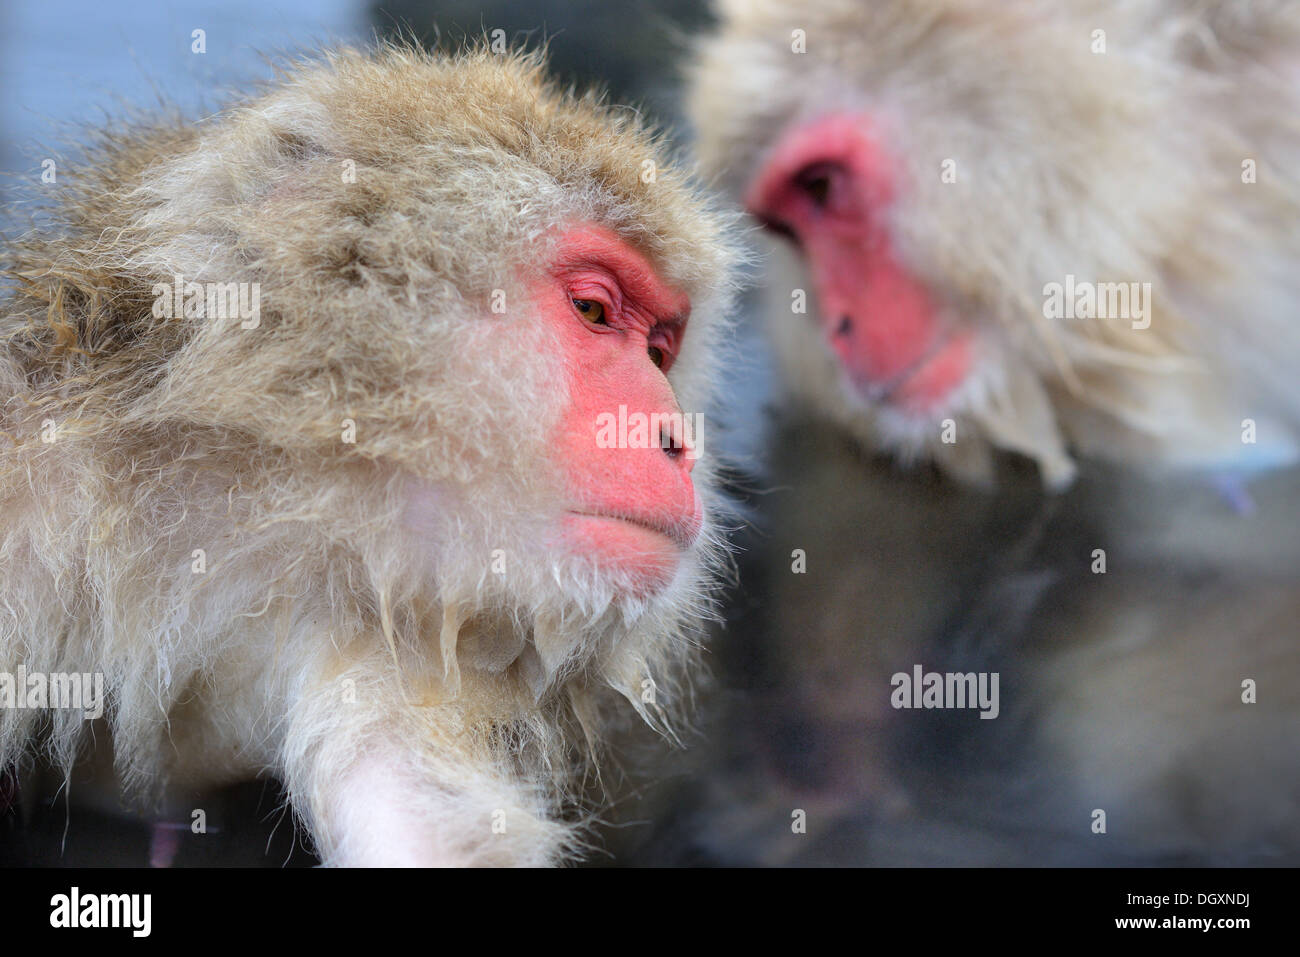 Macaques at Jigokudani Monkey Park in Nagano, Japan. - Stock Image